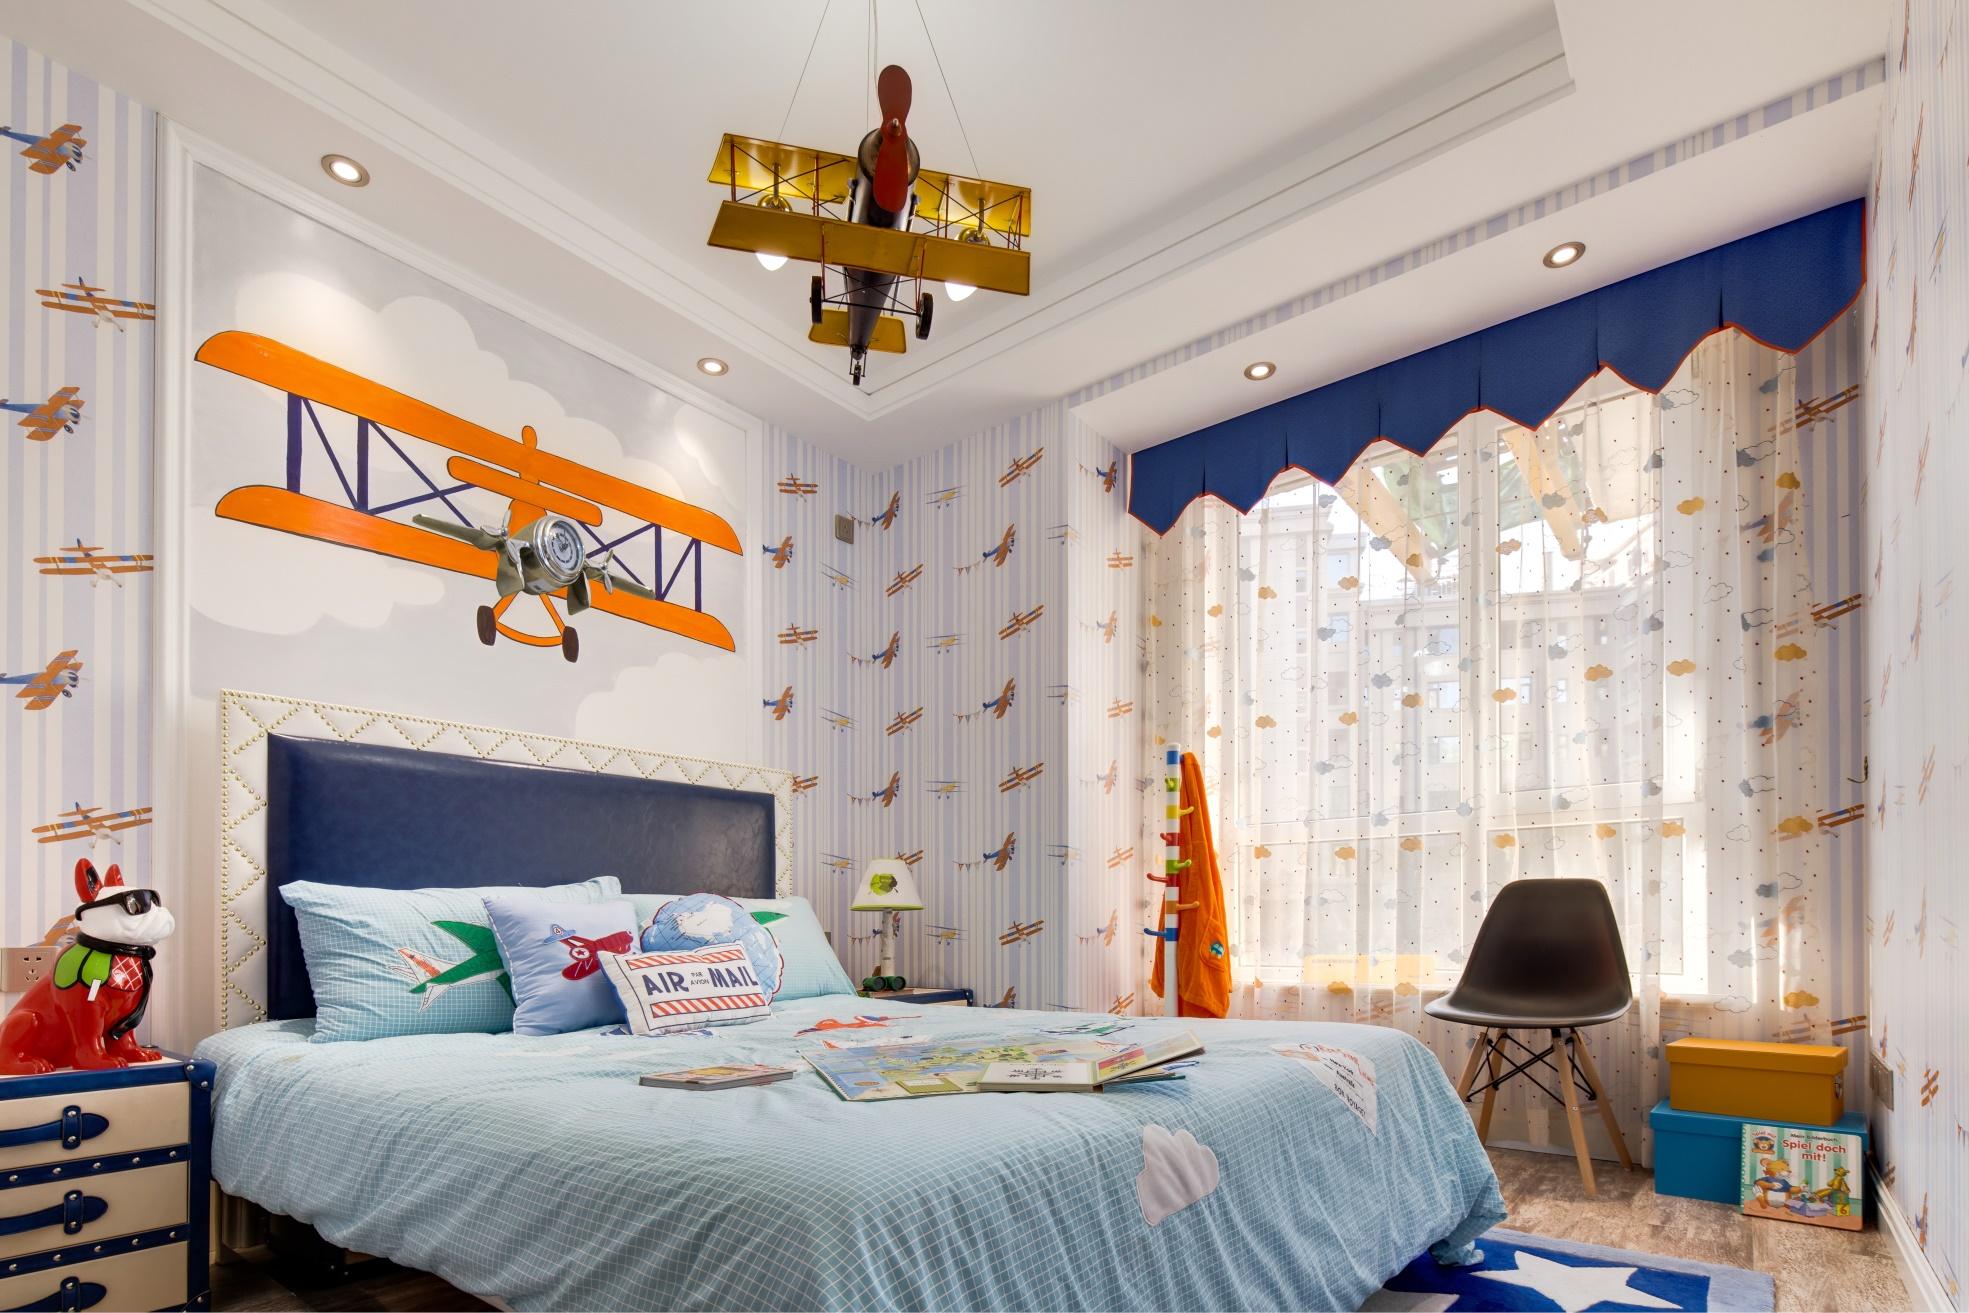 儿童房童趣十足,卡通壁纸搭配飞机挂画,卧室变得充满童真,安静舒适。